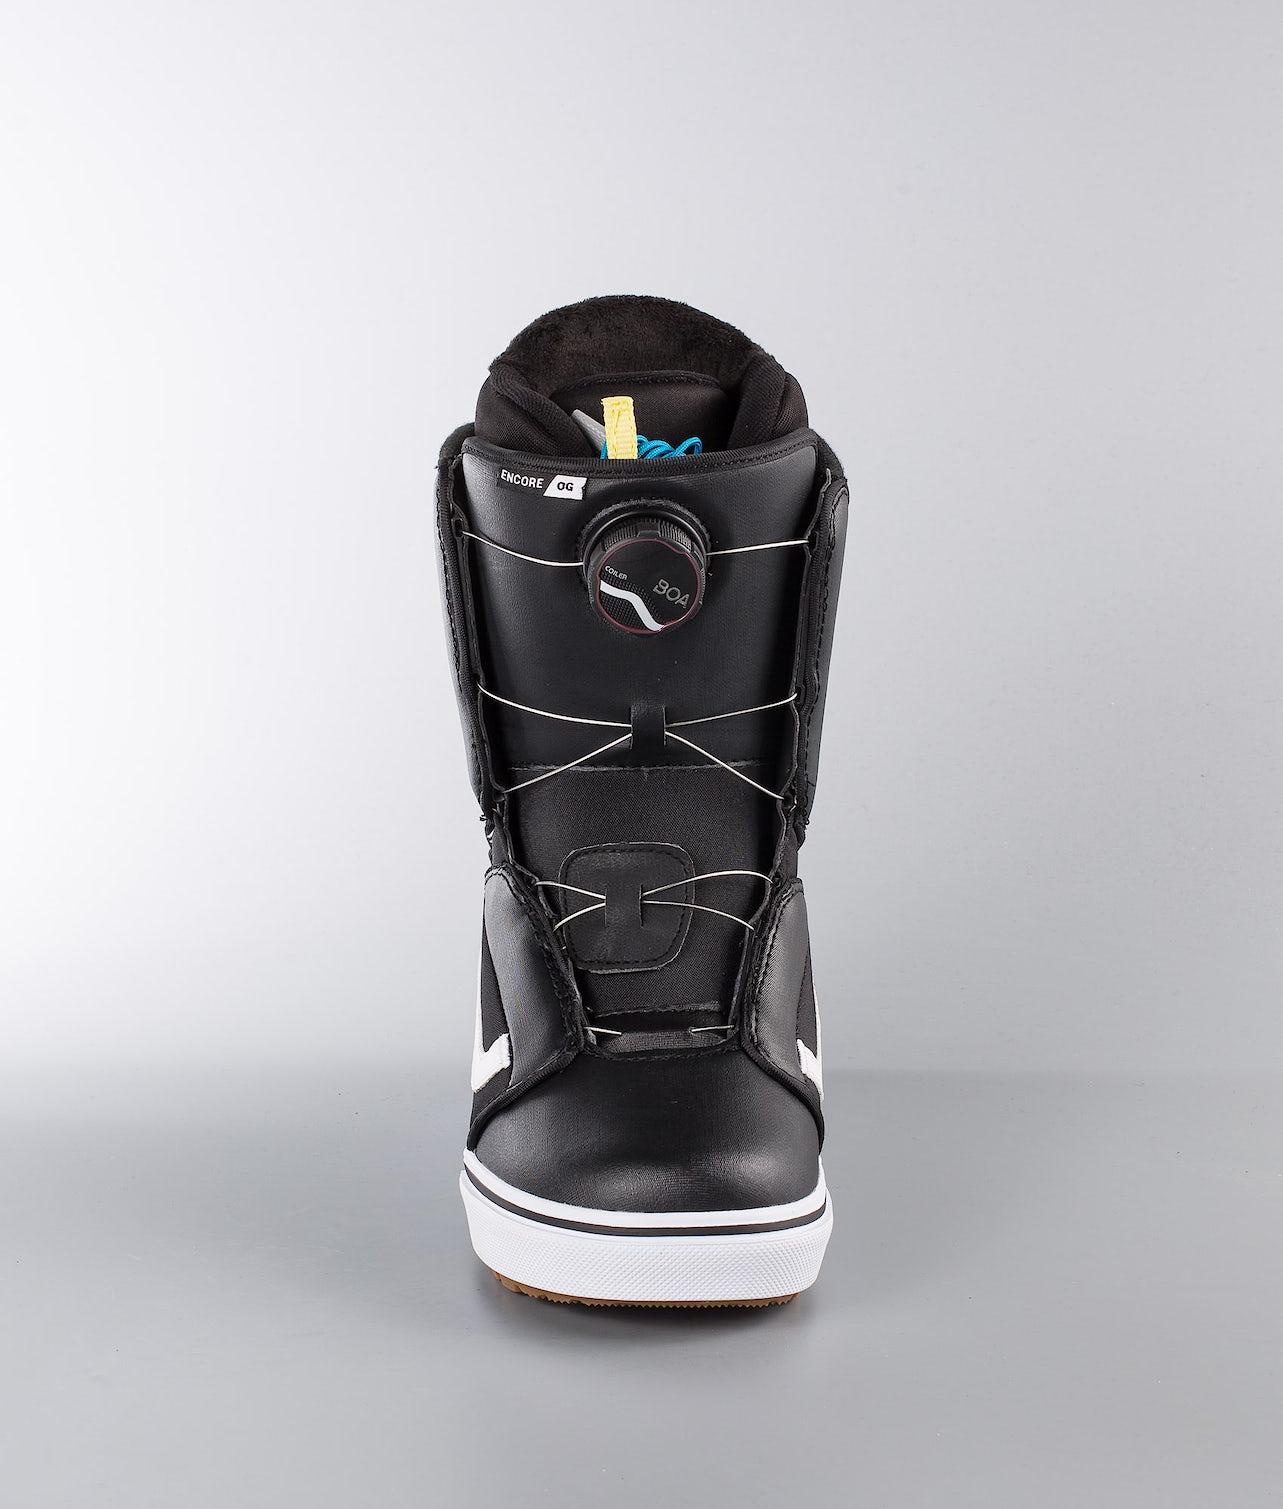 Kjøp Encore OG W Boots fra Vans Snowboarding på Ridestore.no - Hos oss har du alltid fri frakt, fri retur og 30 dagers åpent kjøp!